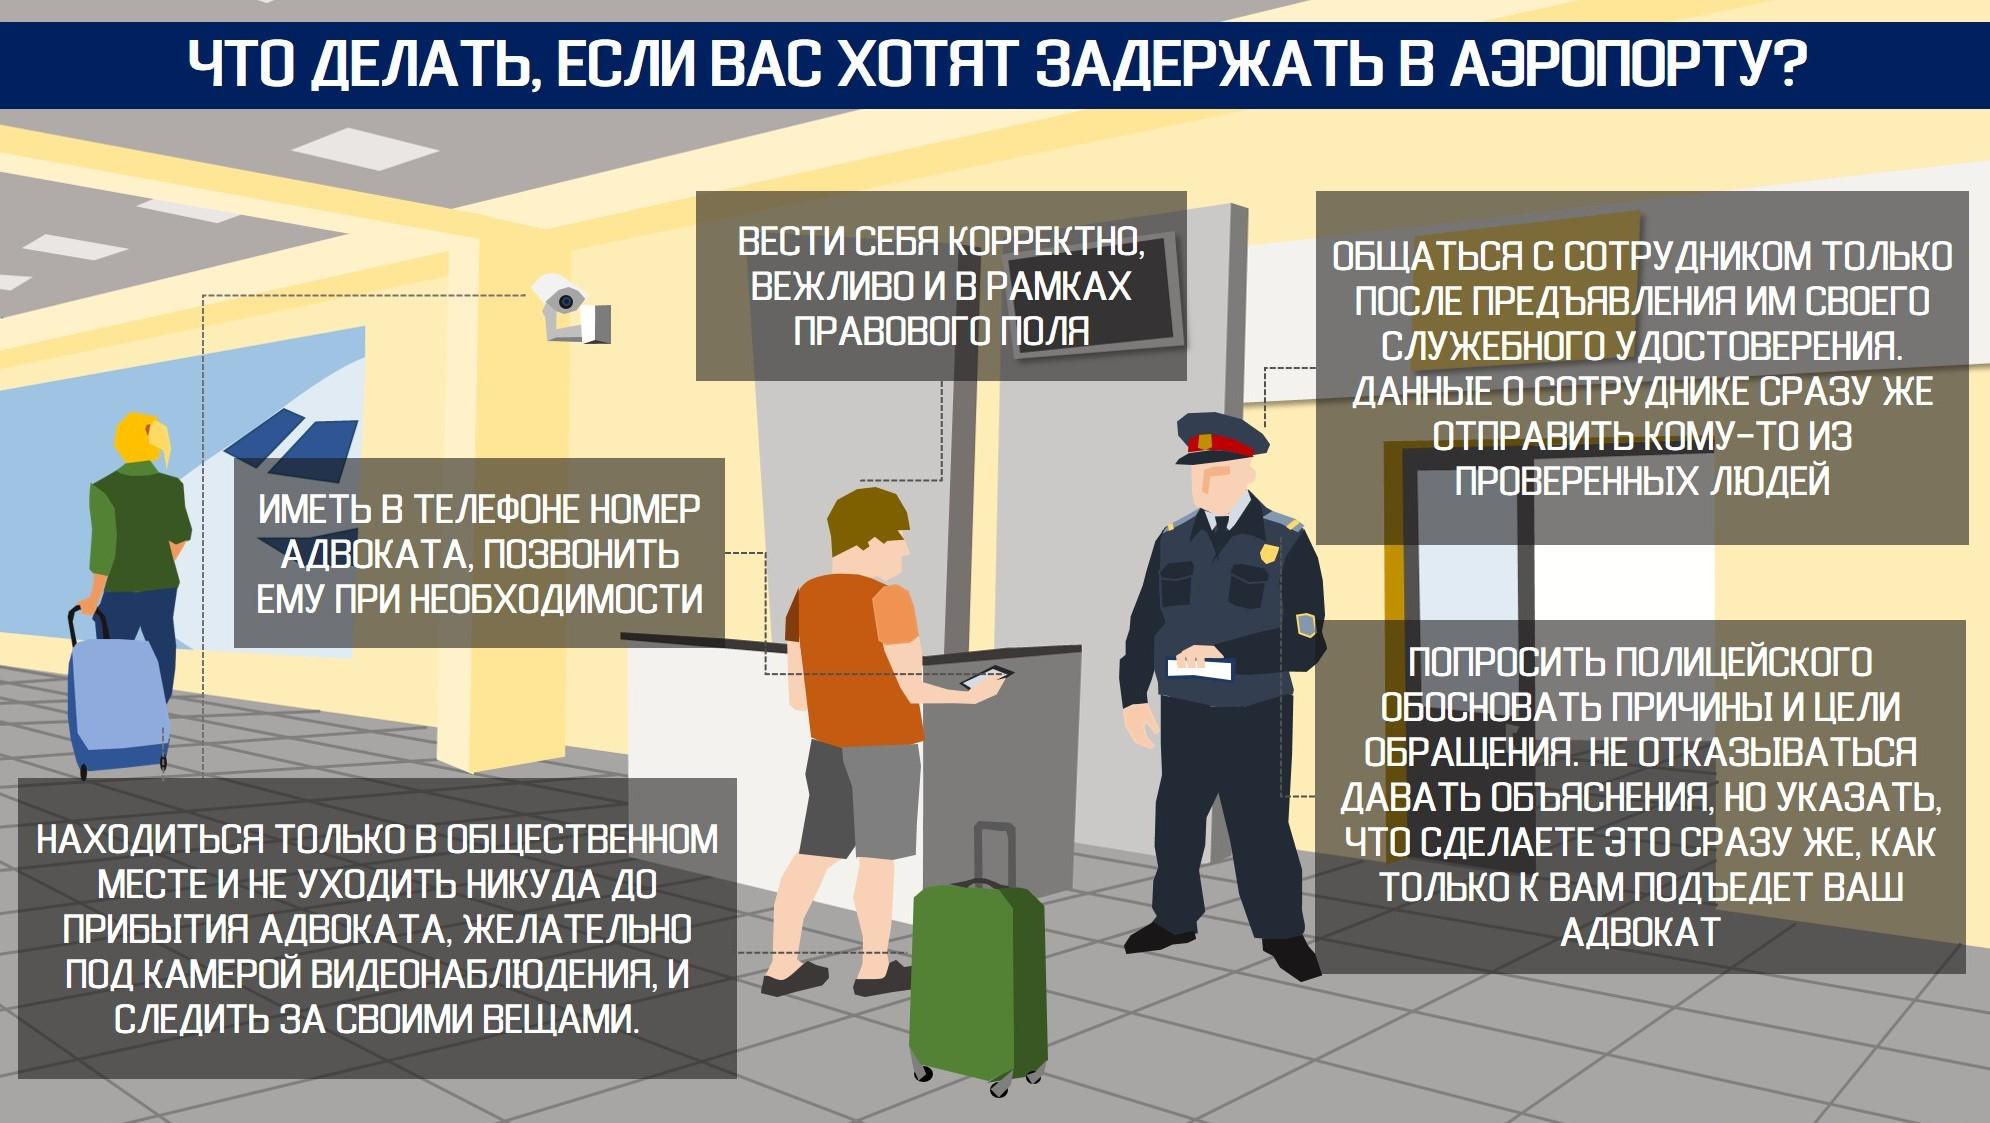 Как вести себя при проверке в аэропорту